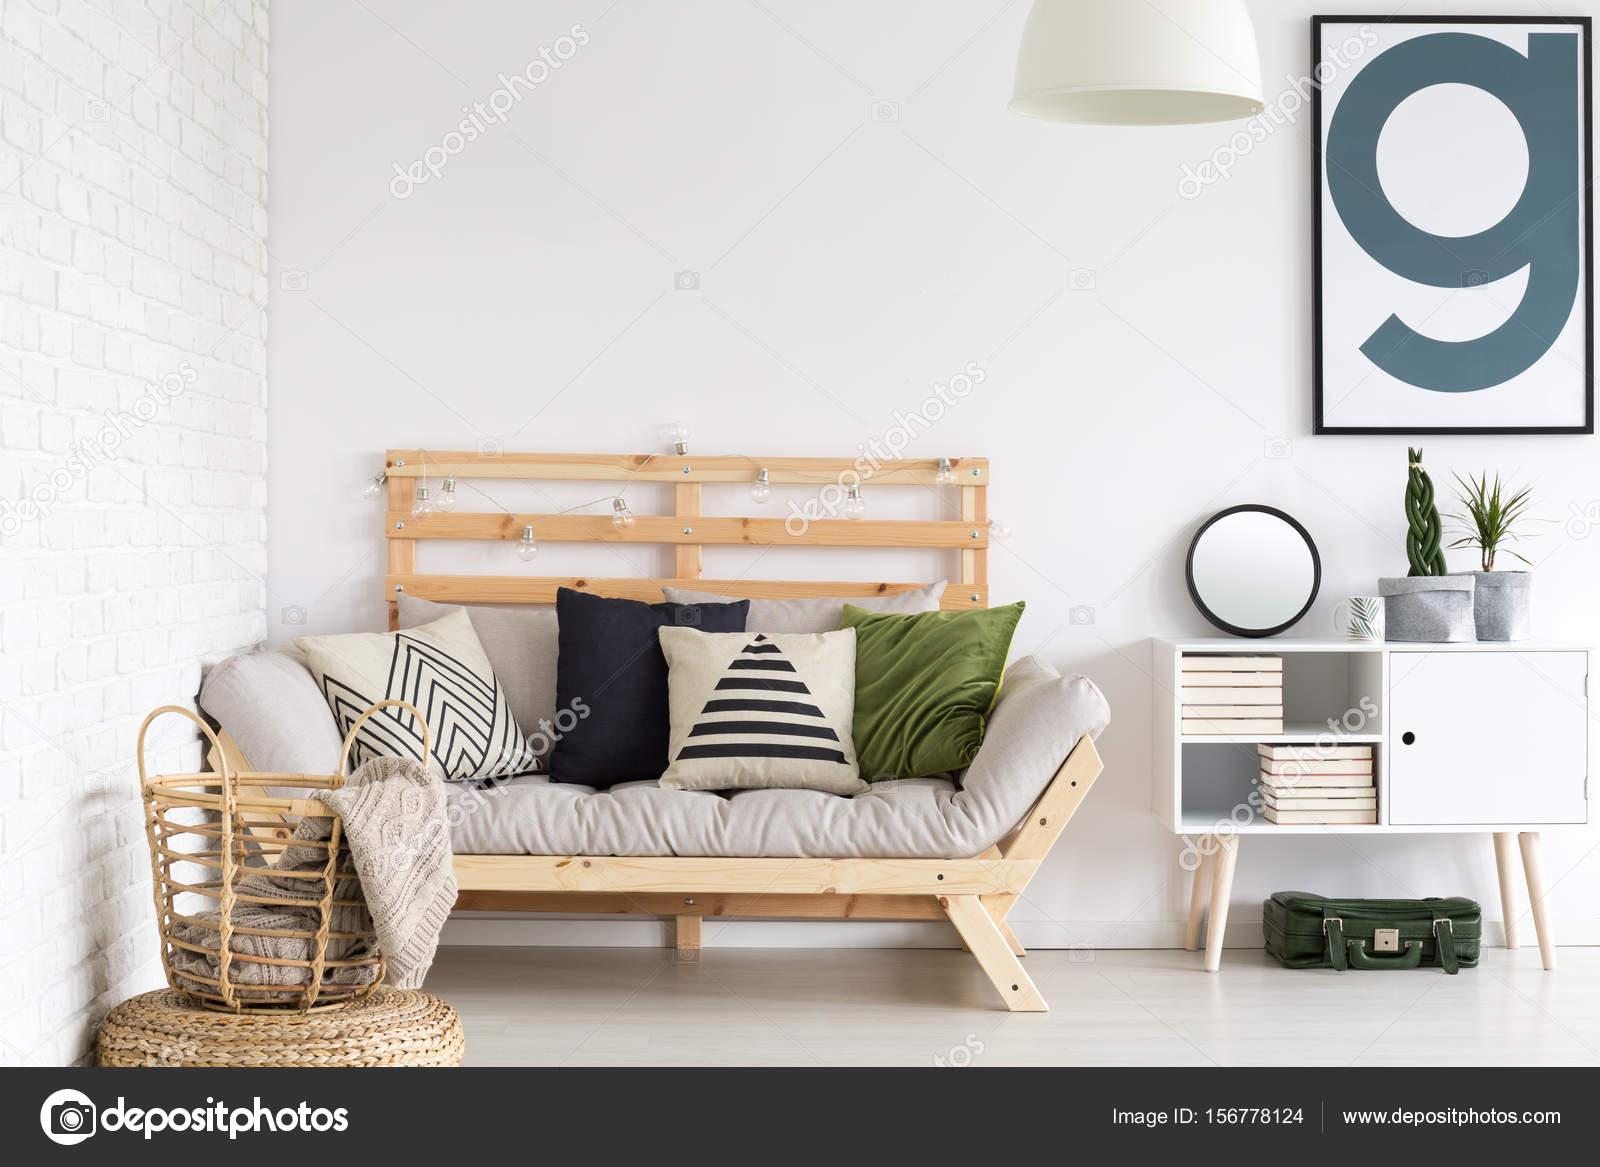 kleines gemütliches Wohnzimmer — Stockfoto © photographee.eu #156778124